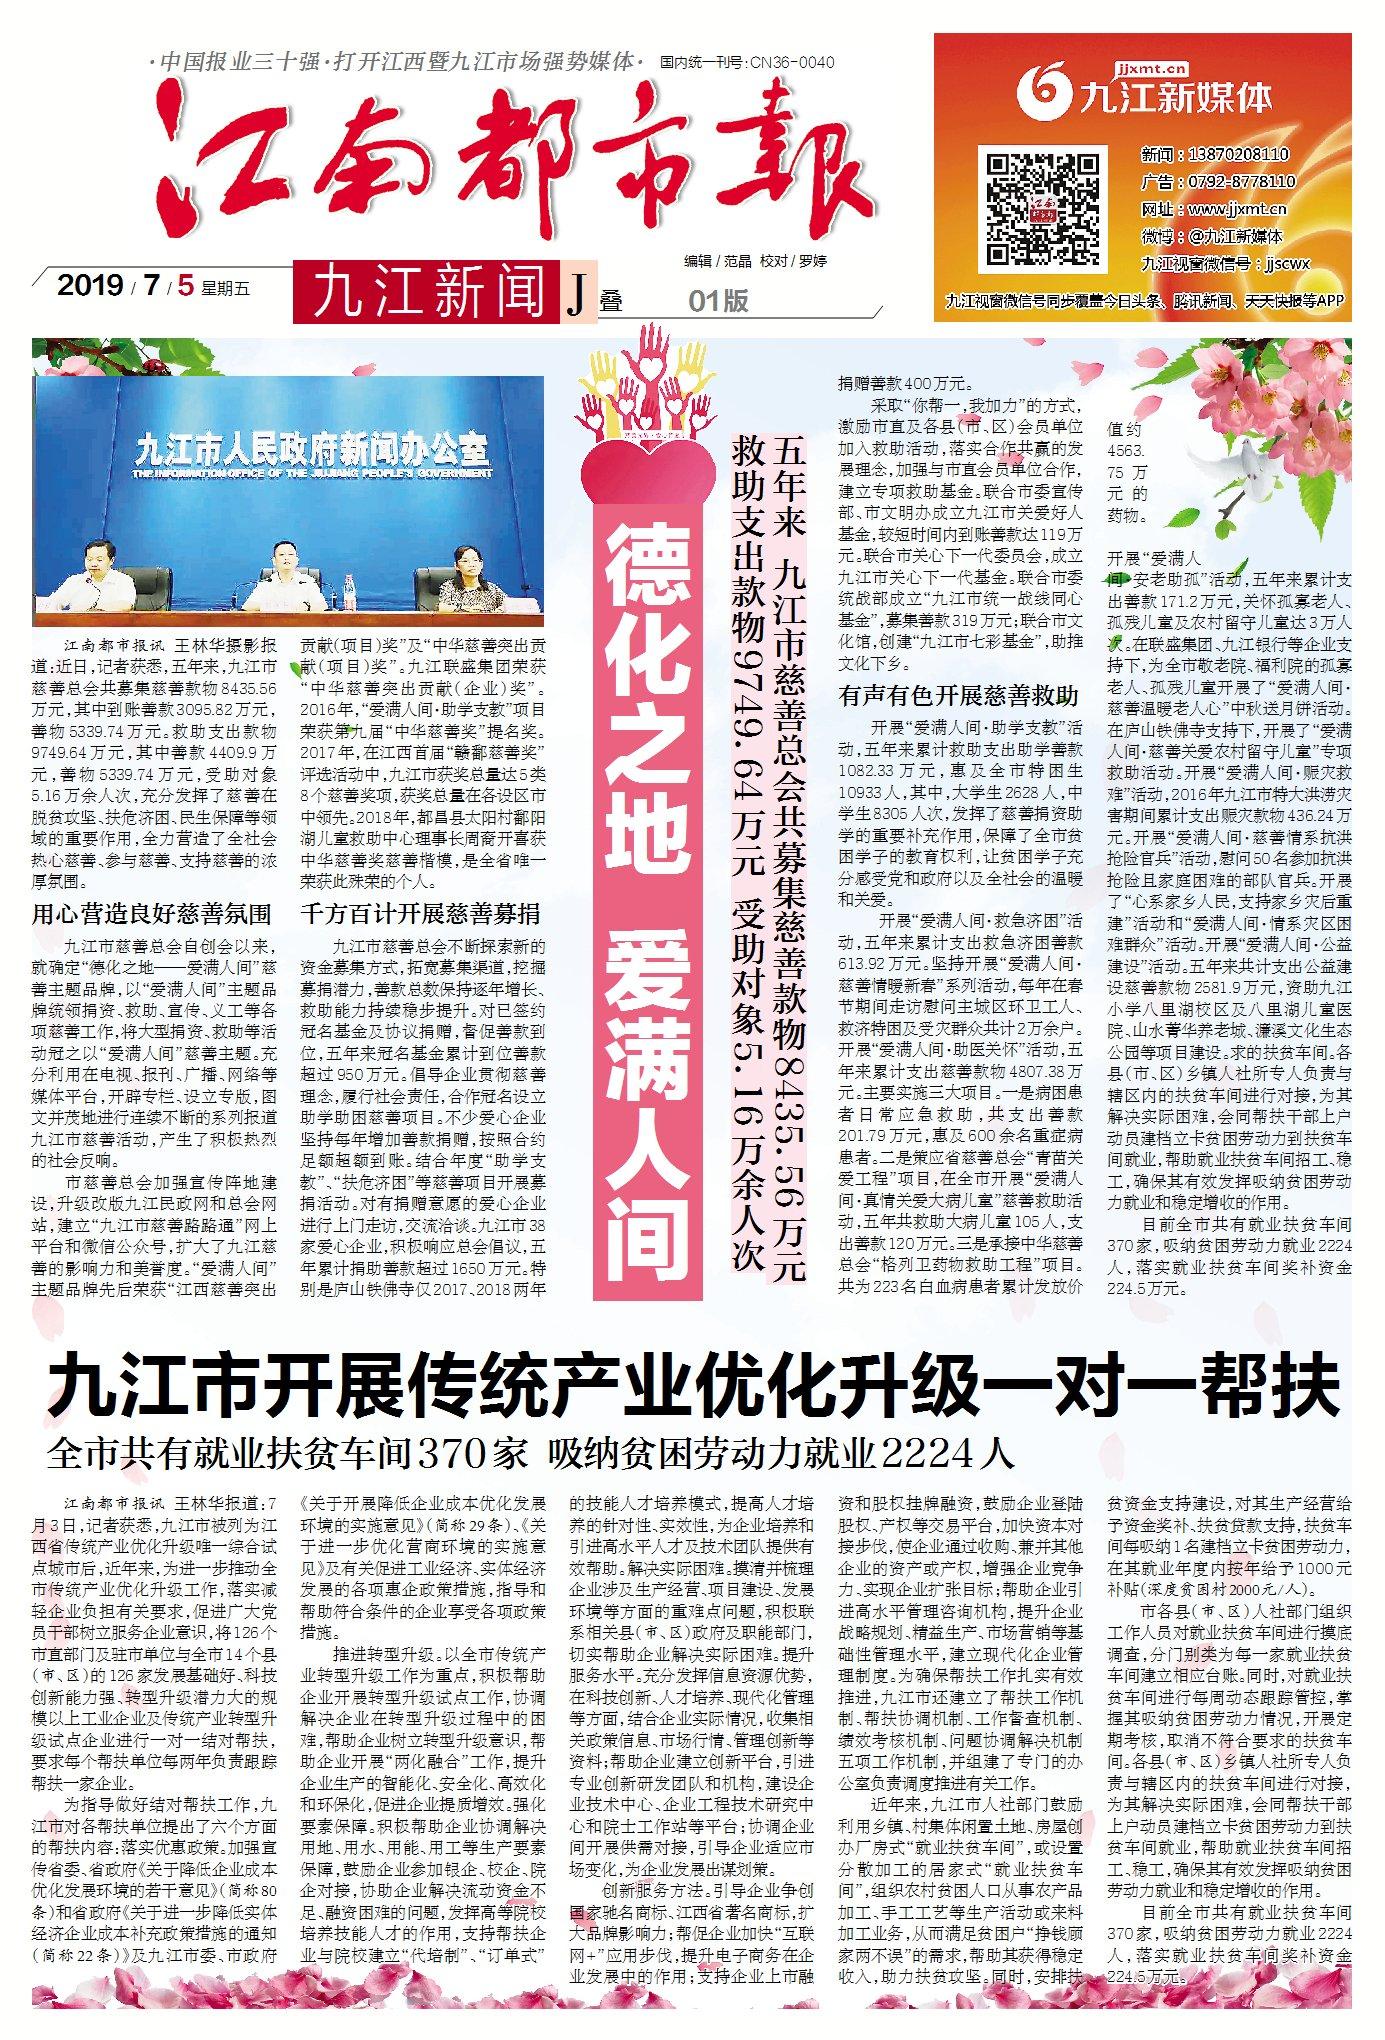 2019年7月5日江南都市报《亚博体育app苹果新闻》头版